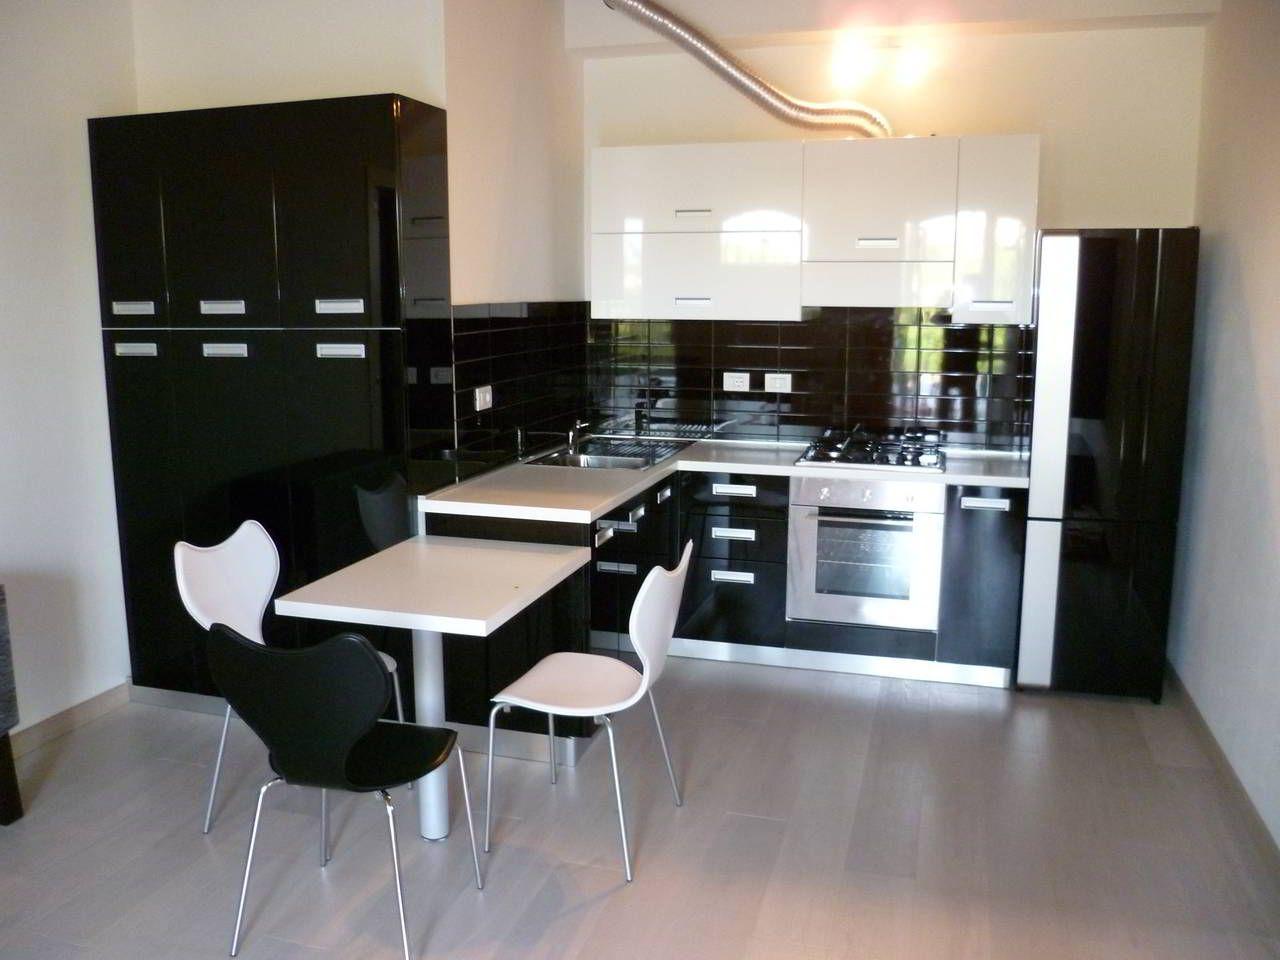 Cucina moderna progettata e realizzata by Centopercento ...